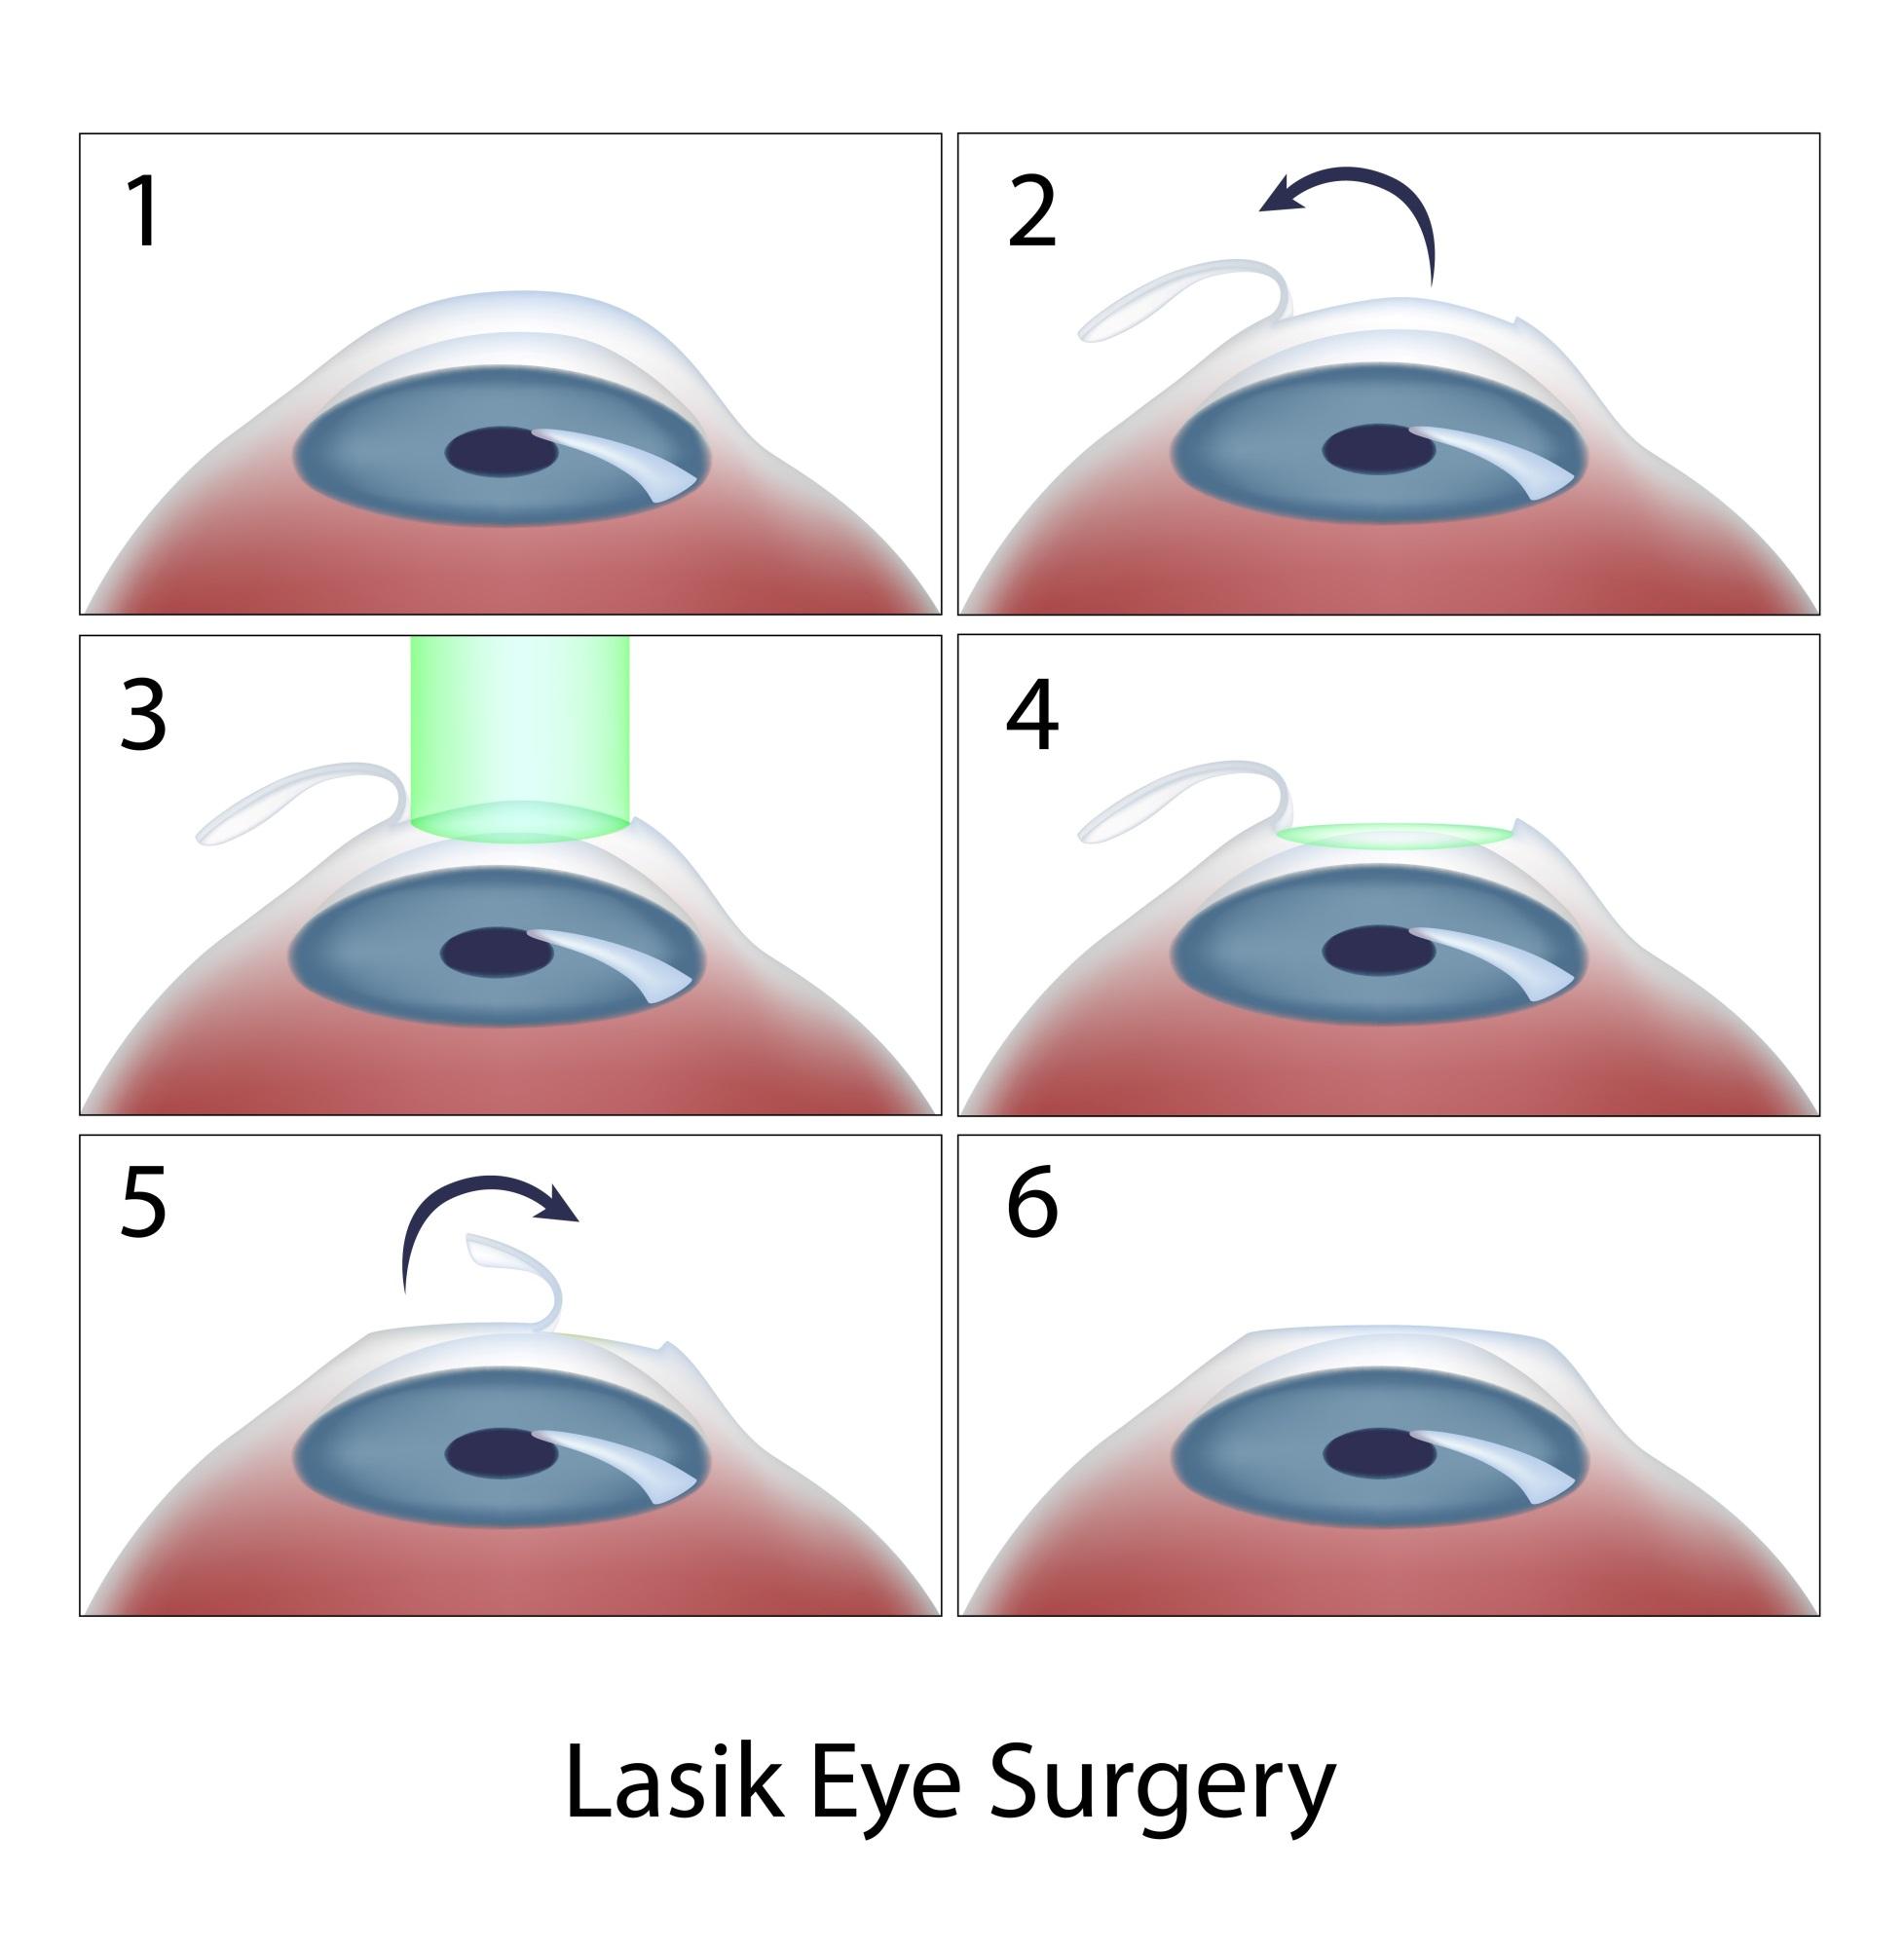 Nếu có ý định phẫu thuật mắt bằng laser, bạn cần biết những thông tin này - Ảnh 2